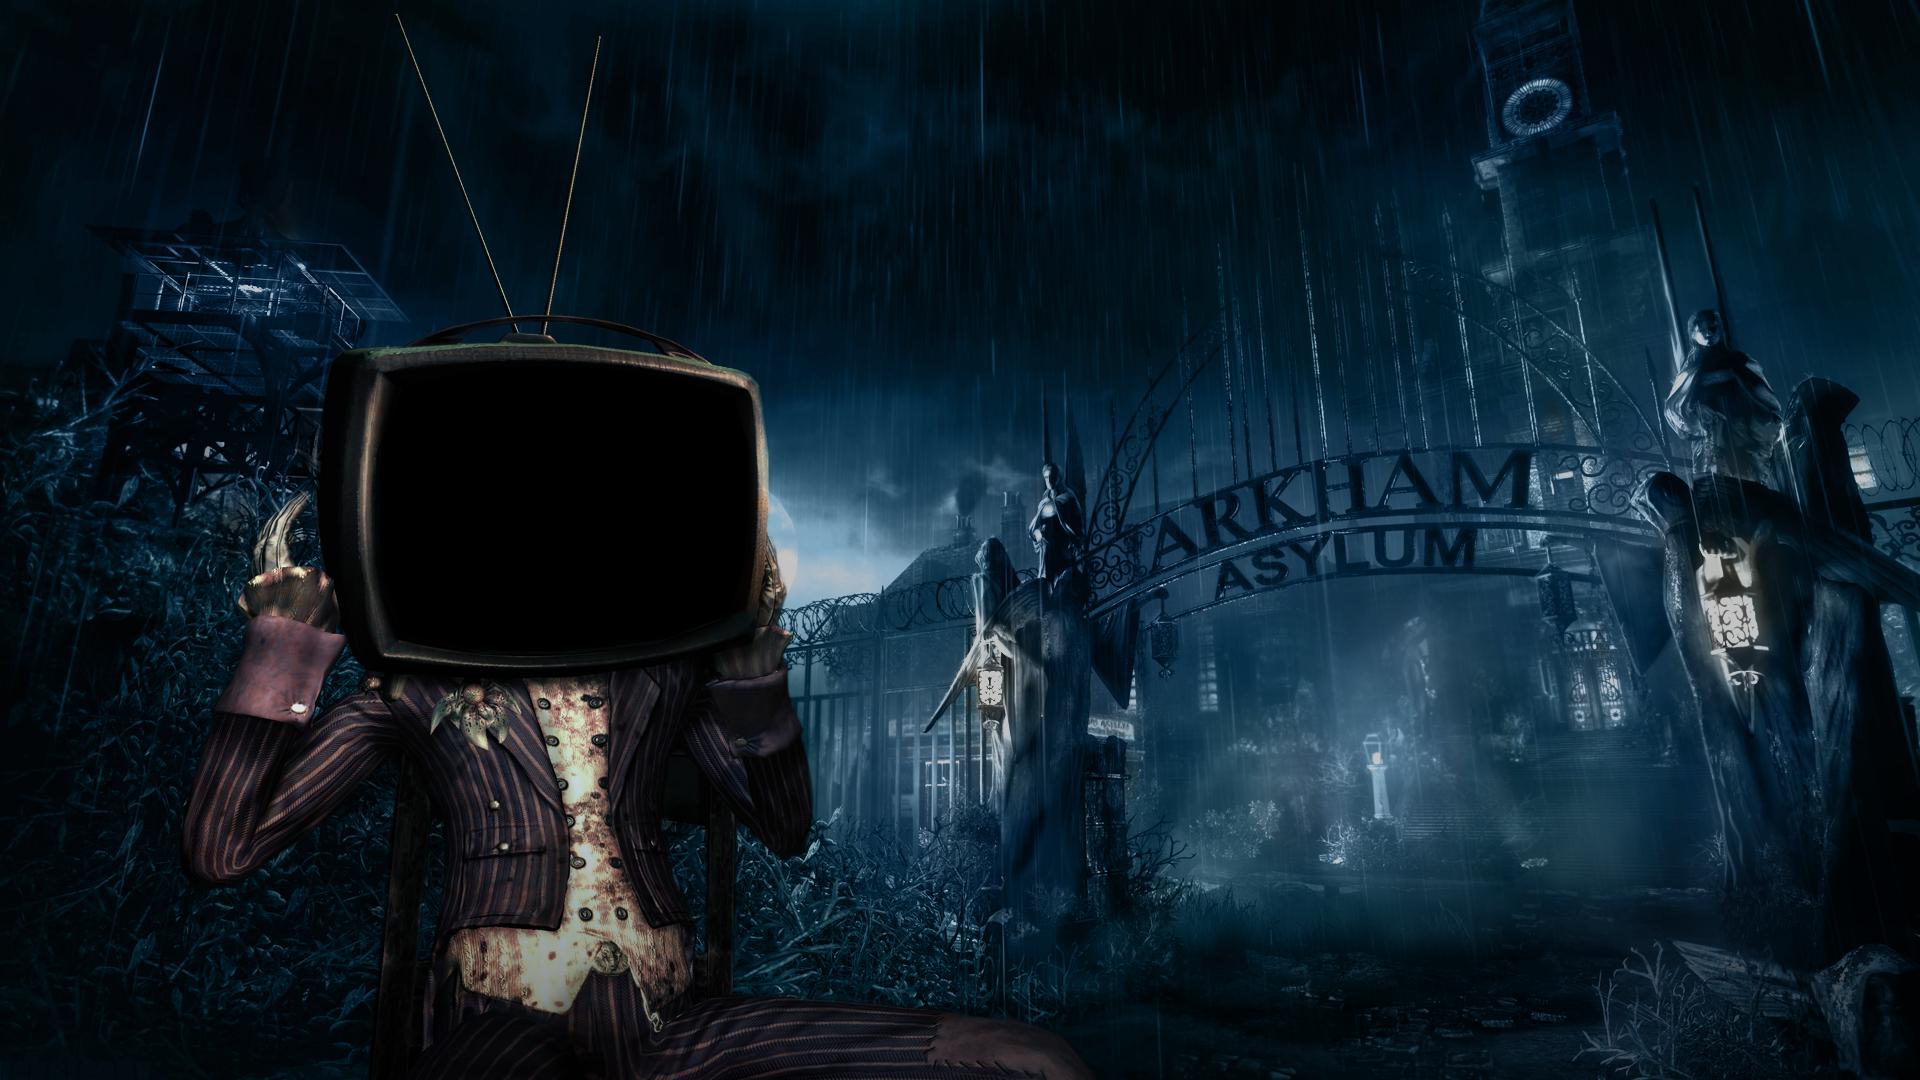 batman arkham asylum wallpapers pictures images